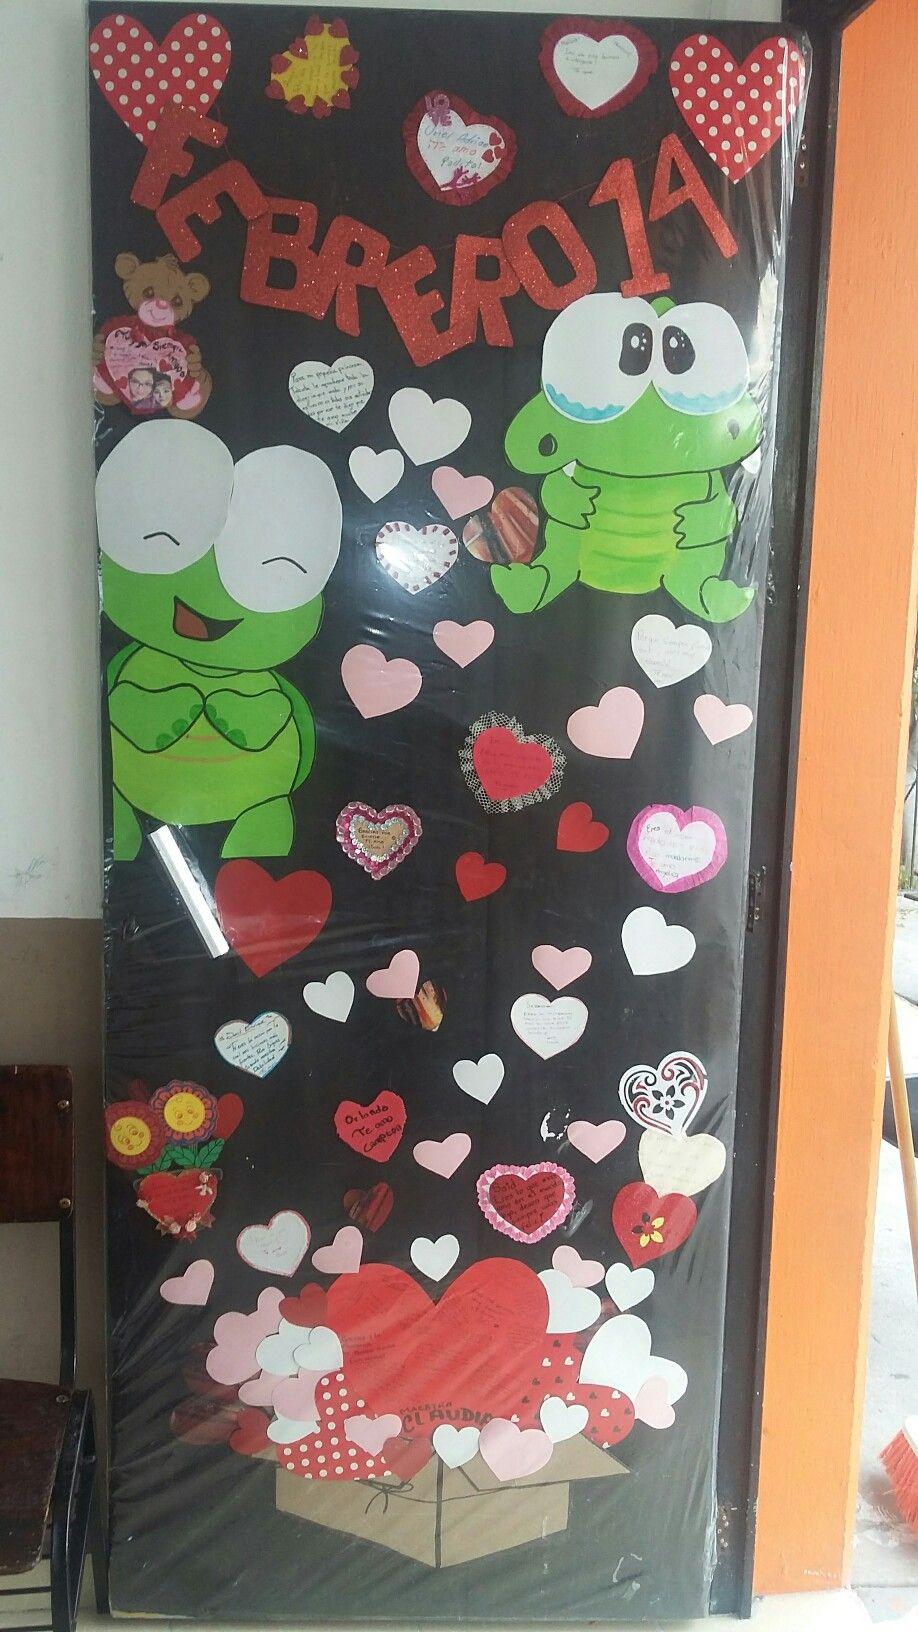 Mes de febrero san valent n pinterest febrero for Puertas decoradas del 14 de febrero